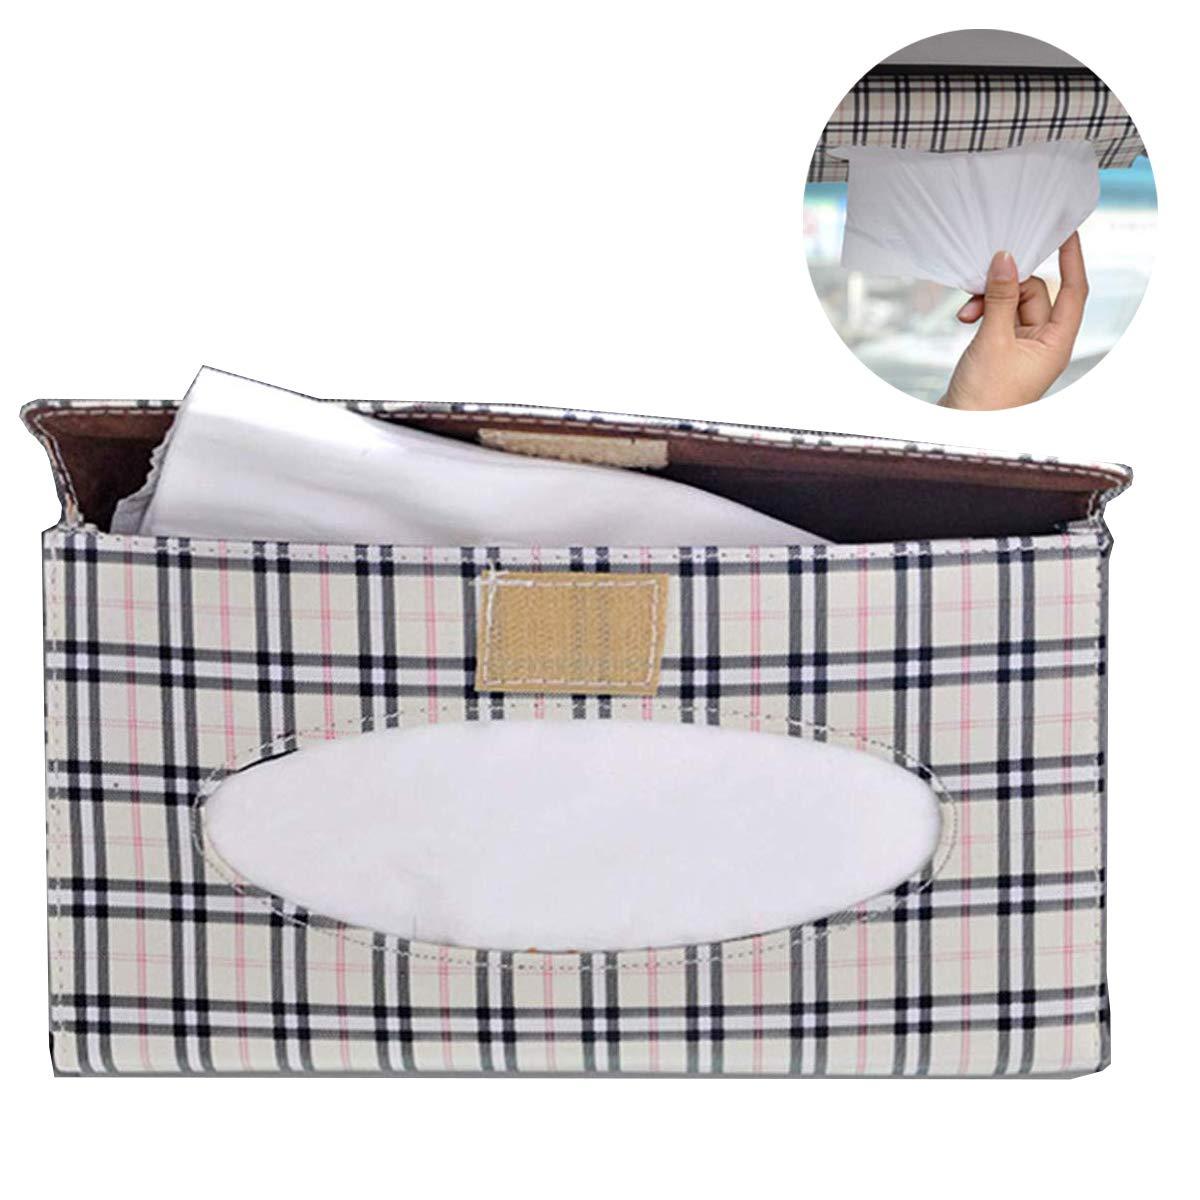 Neverles Car Visor Tissue Holder Sun Visor Napkin Holder Backseat Tissue Case Holder for car Paper Tissue Dispenser for Visor /& Backseat